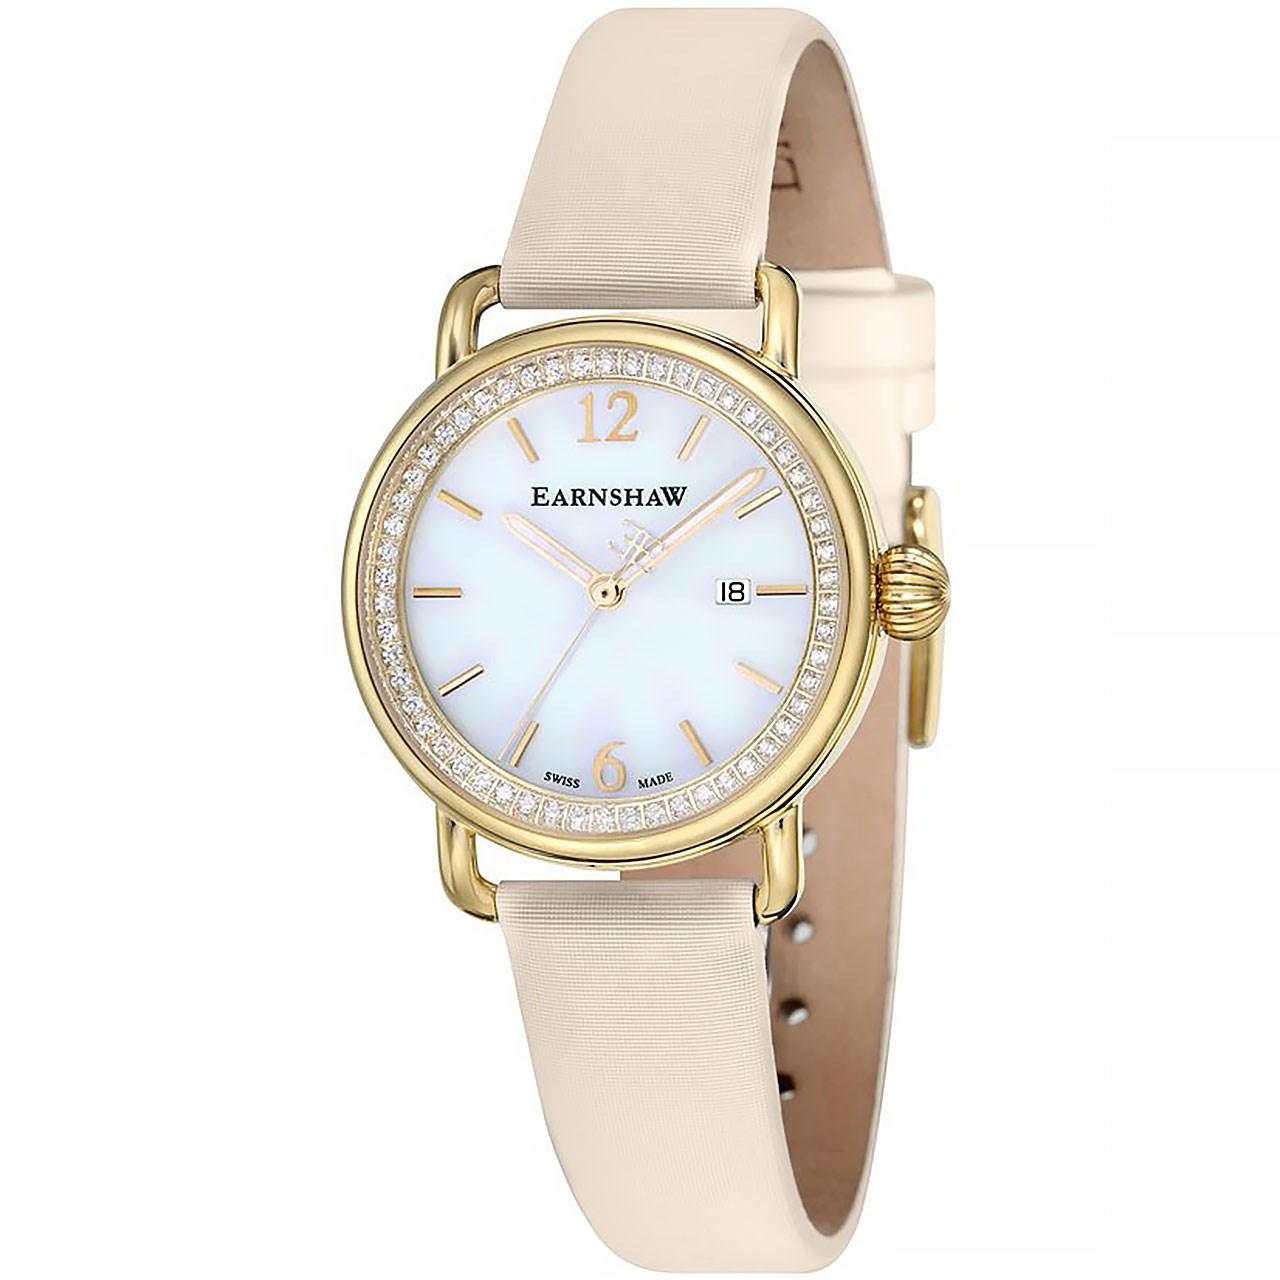 ساعت مچی عقربه ای زنانه ارنشا مدل ES-0022-06 8